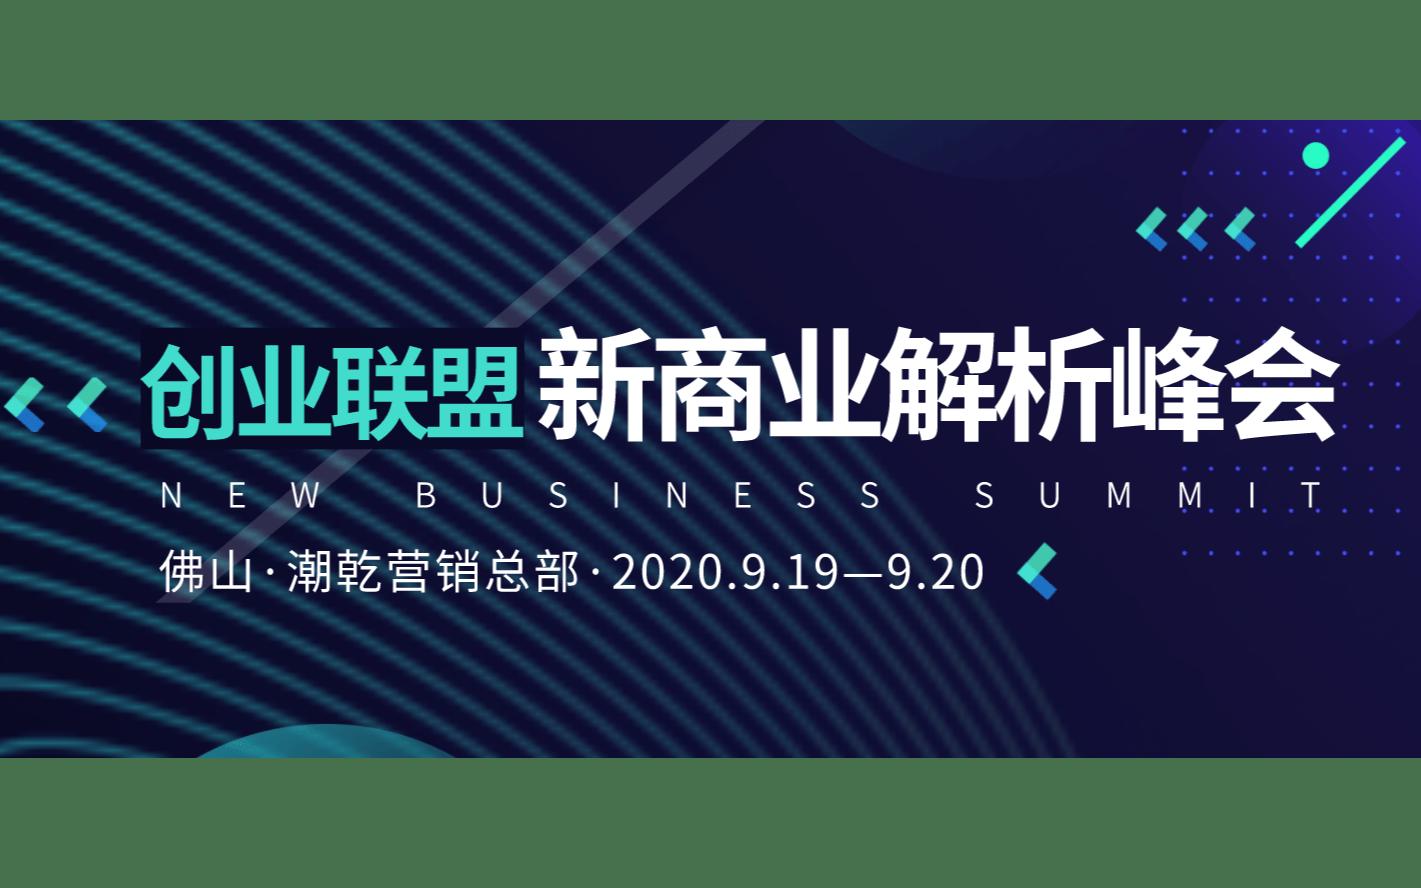 2020年下半年创业联盟新商业解析峰会